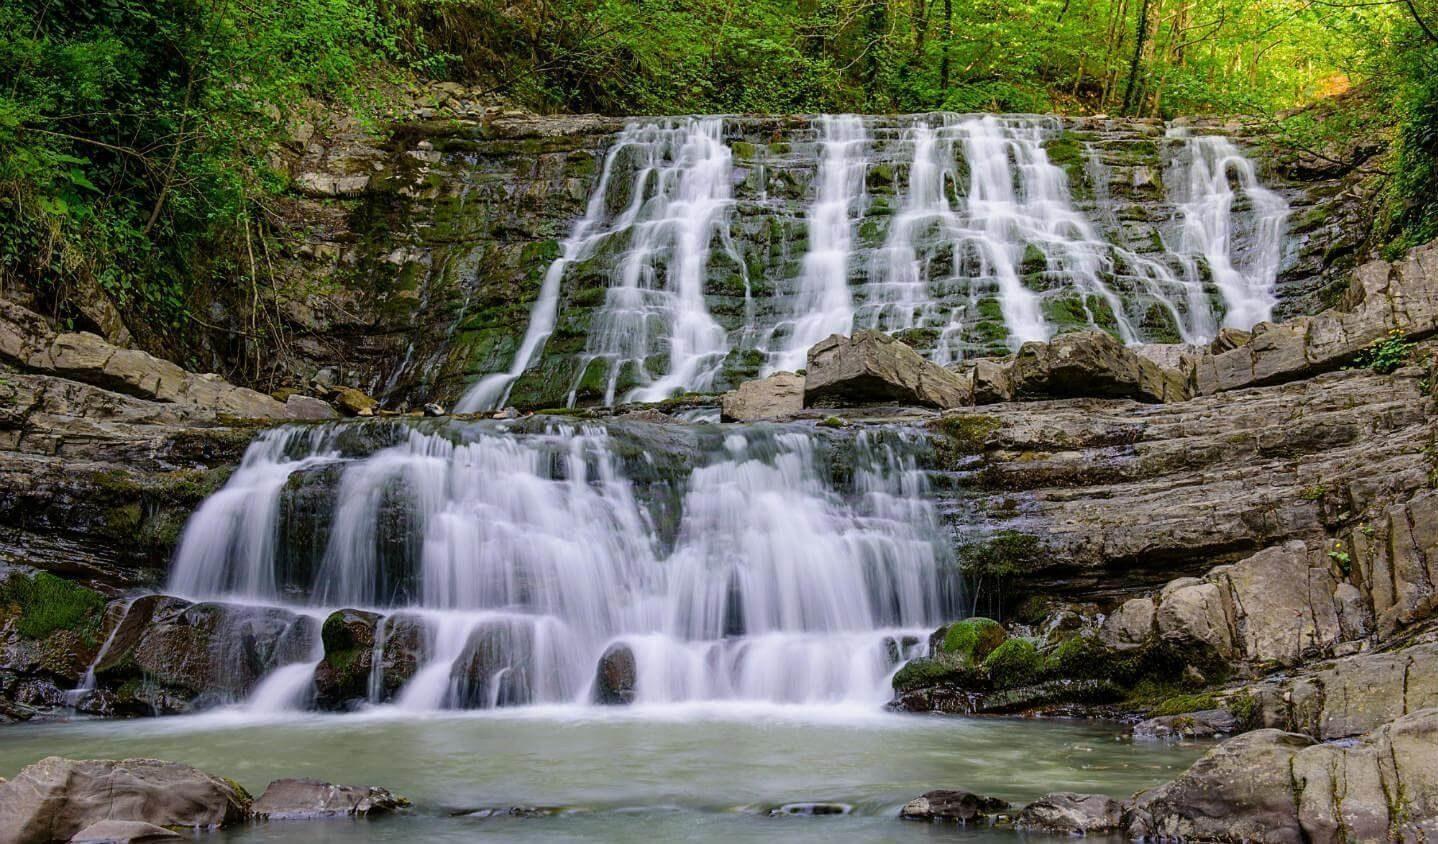 ЗЗ водопада каскад